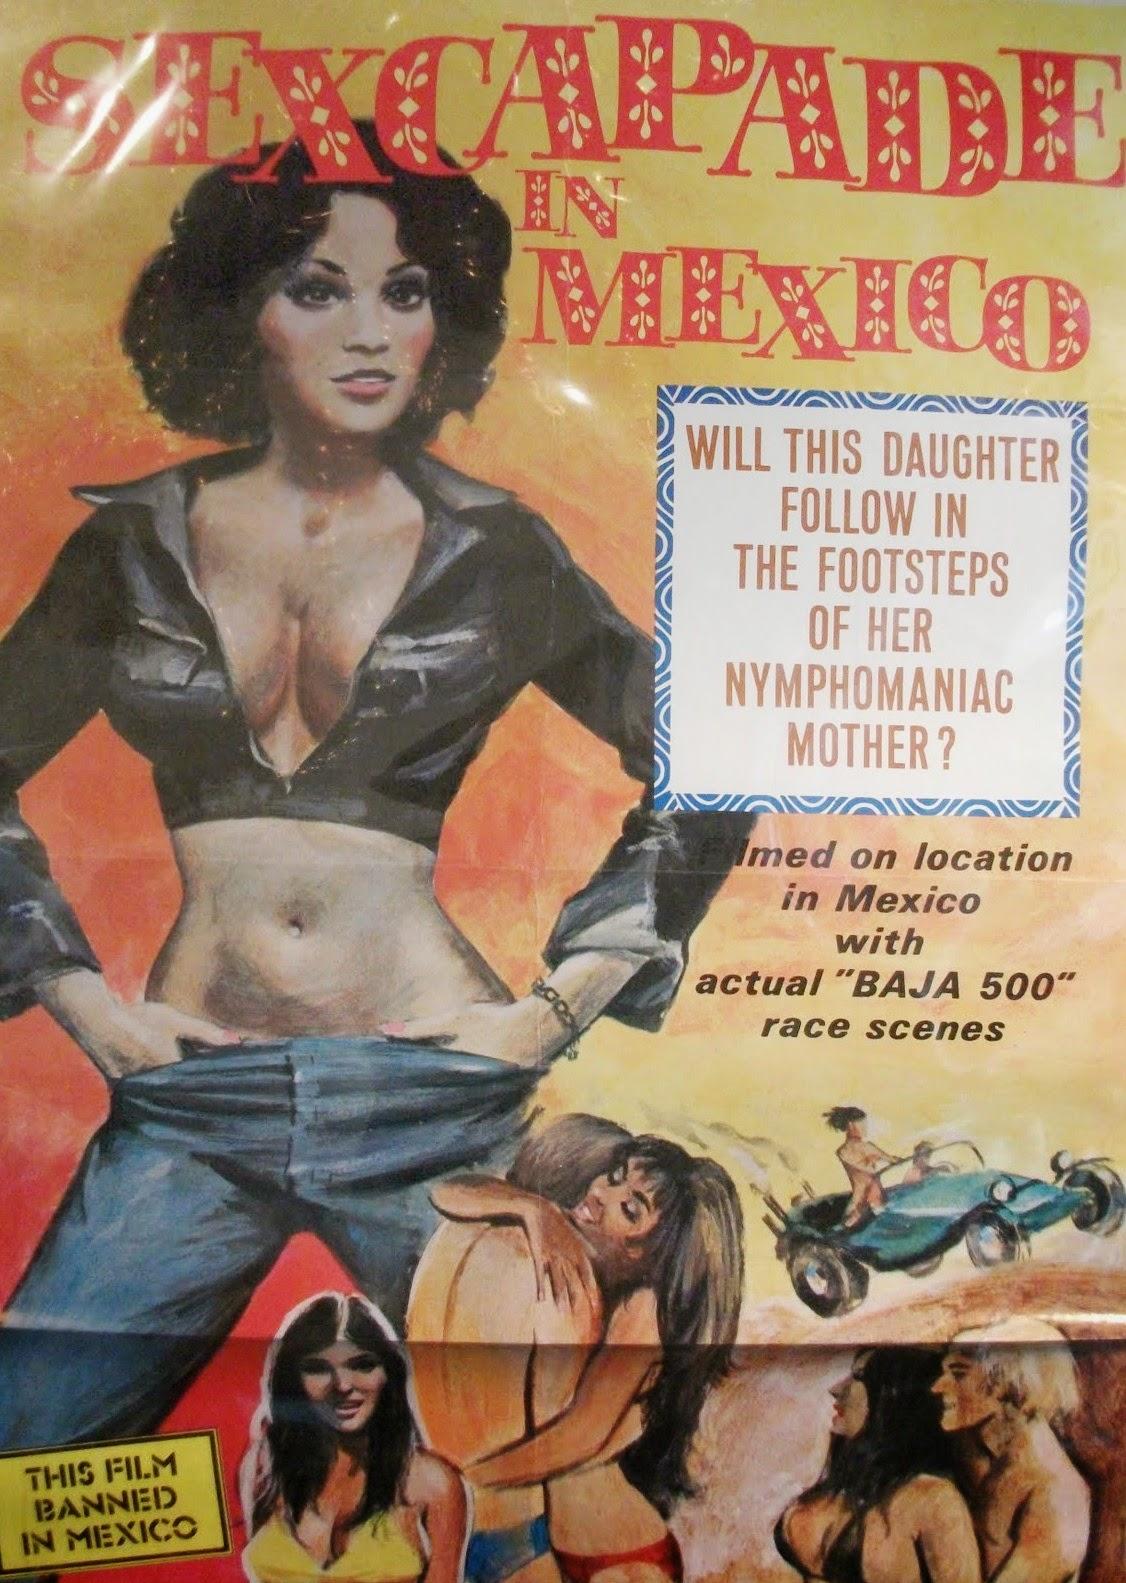 Sexcapade in mexico 1970 - 3 2